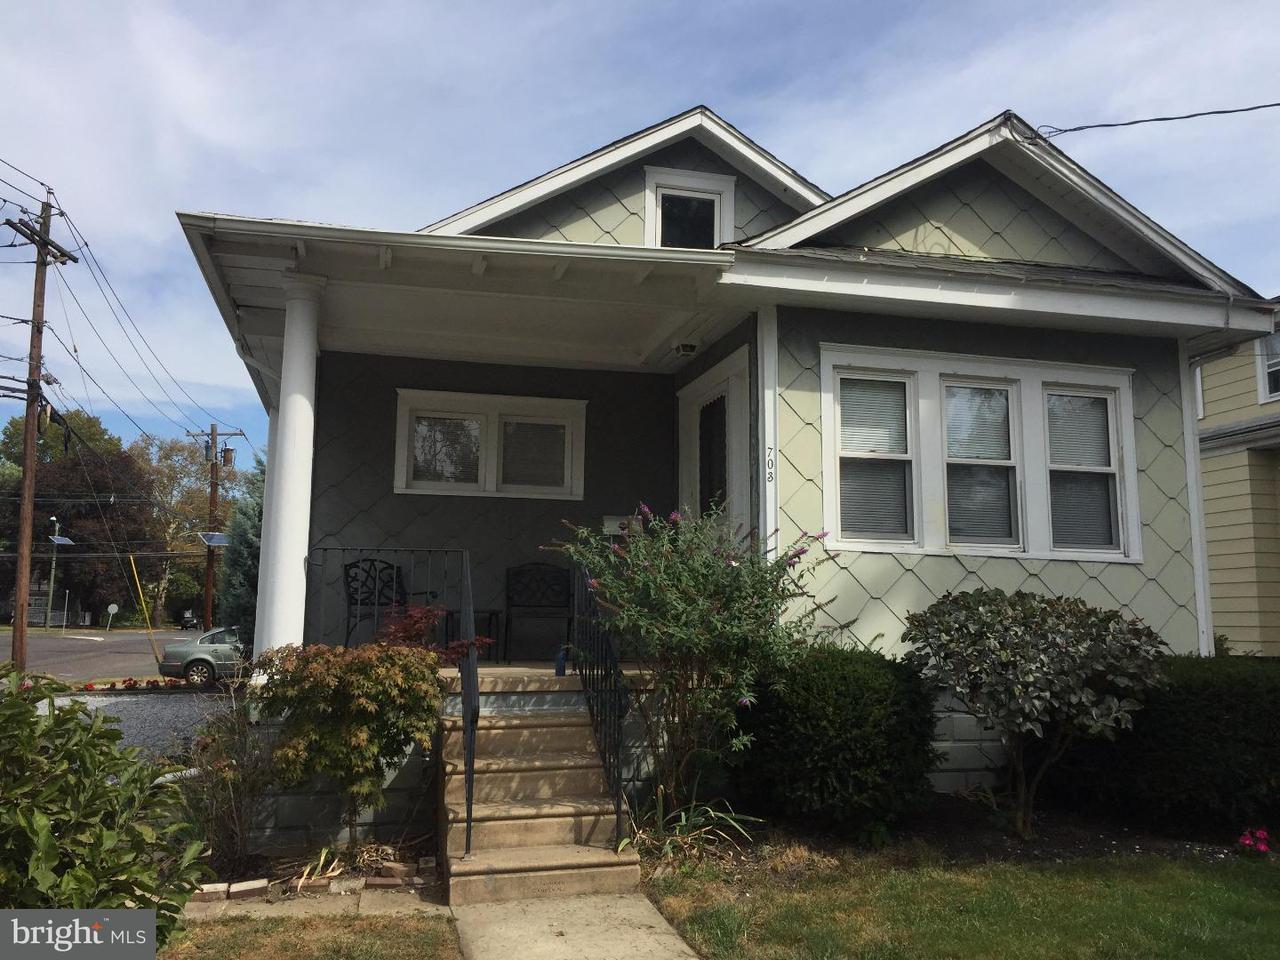 独户住宅 为 出租 在 703 WILLITTS Avenue Audubon, 新泽西州 08106 美国